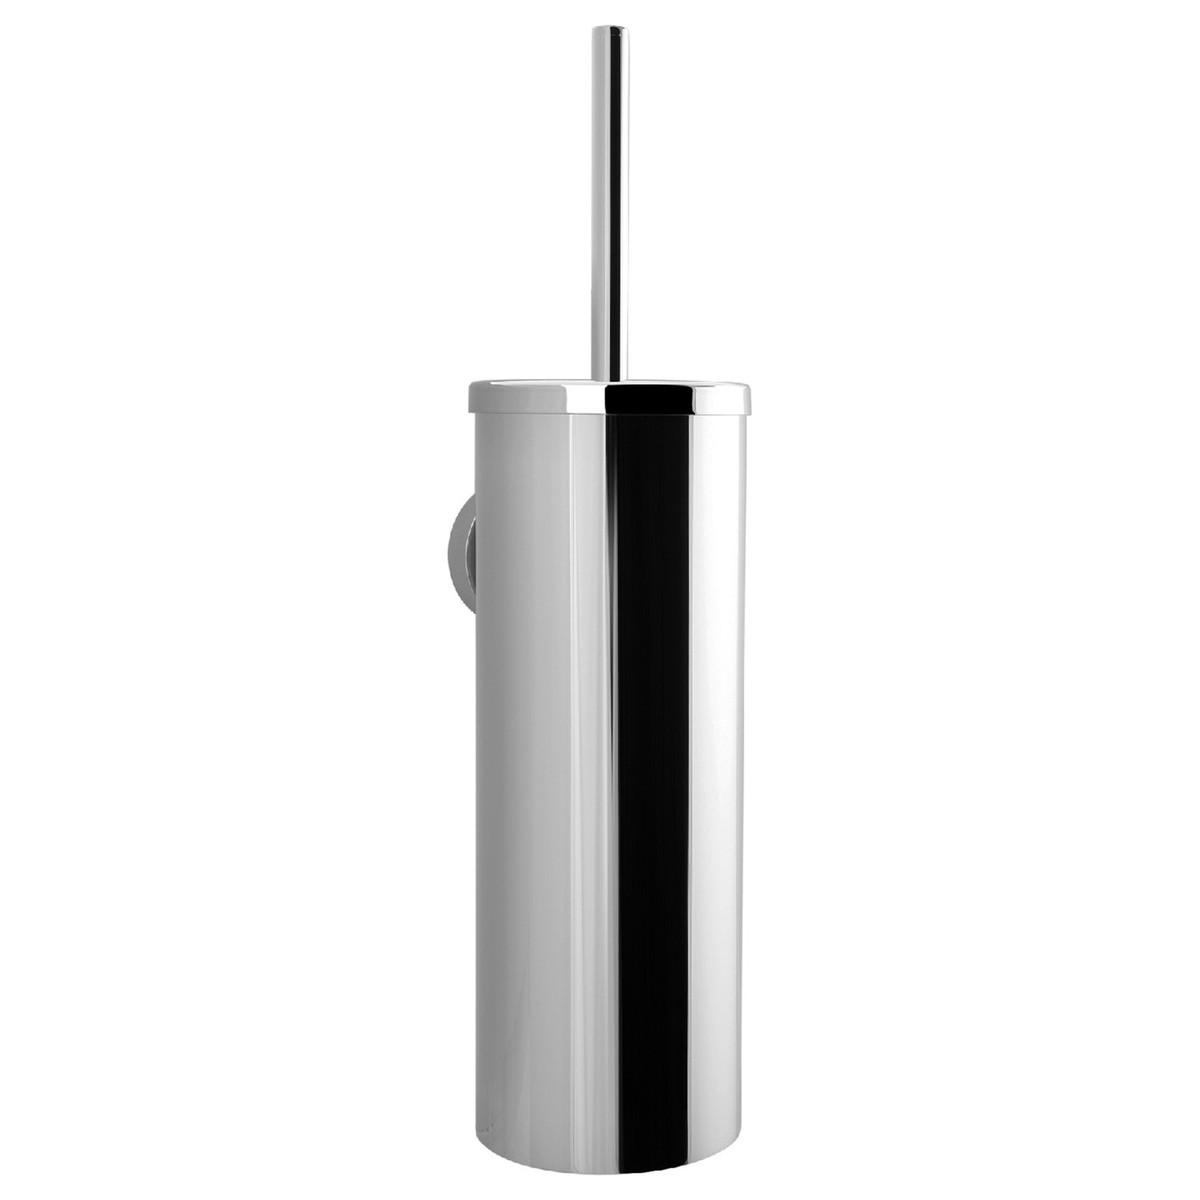 FairSan WC-Bürstengarnitur Chrom